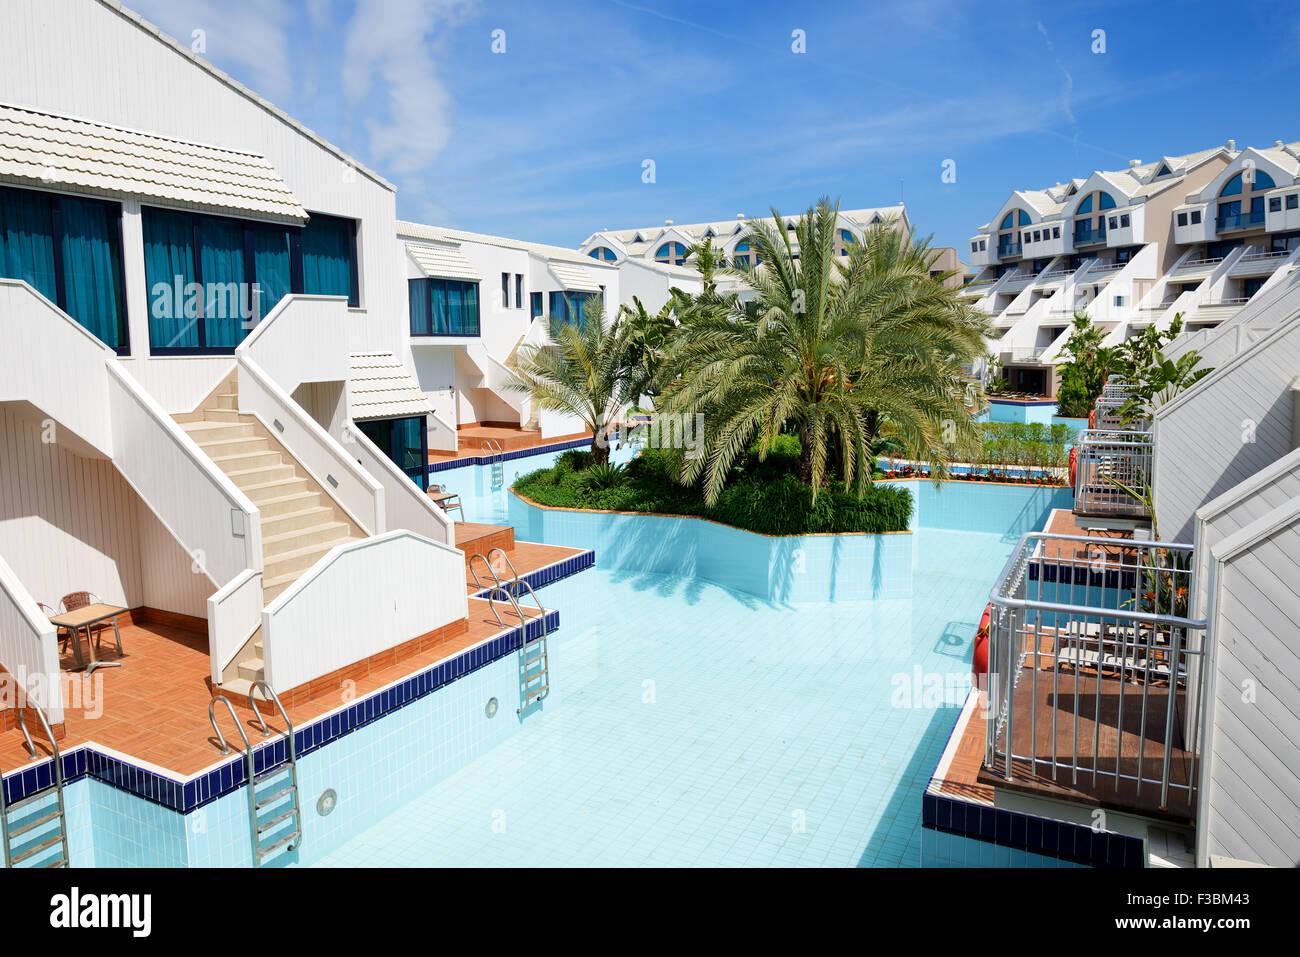 AuBergewohnlich Moderne Villen Mit Pool In Luxus Hotel, Antalya, Türkei